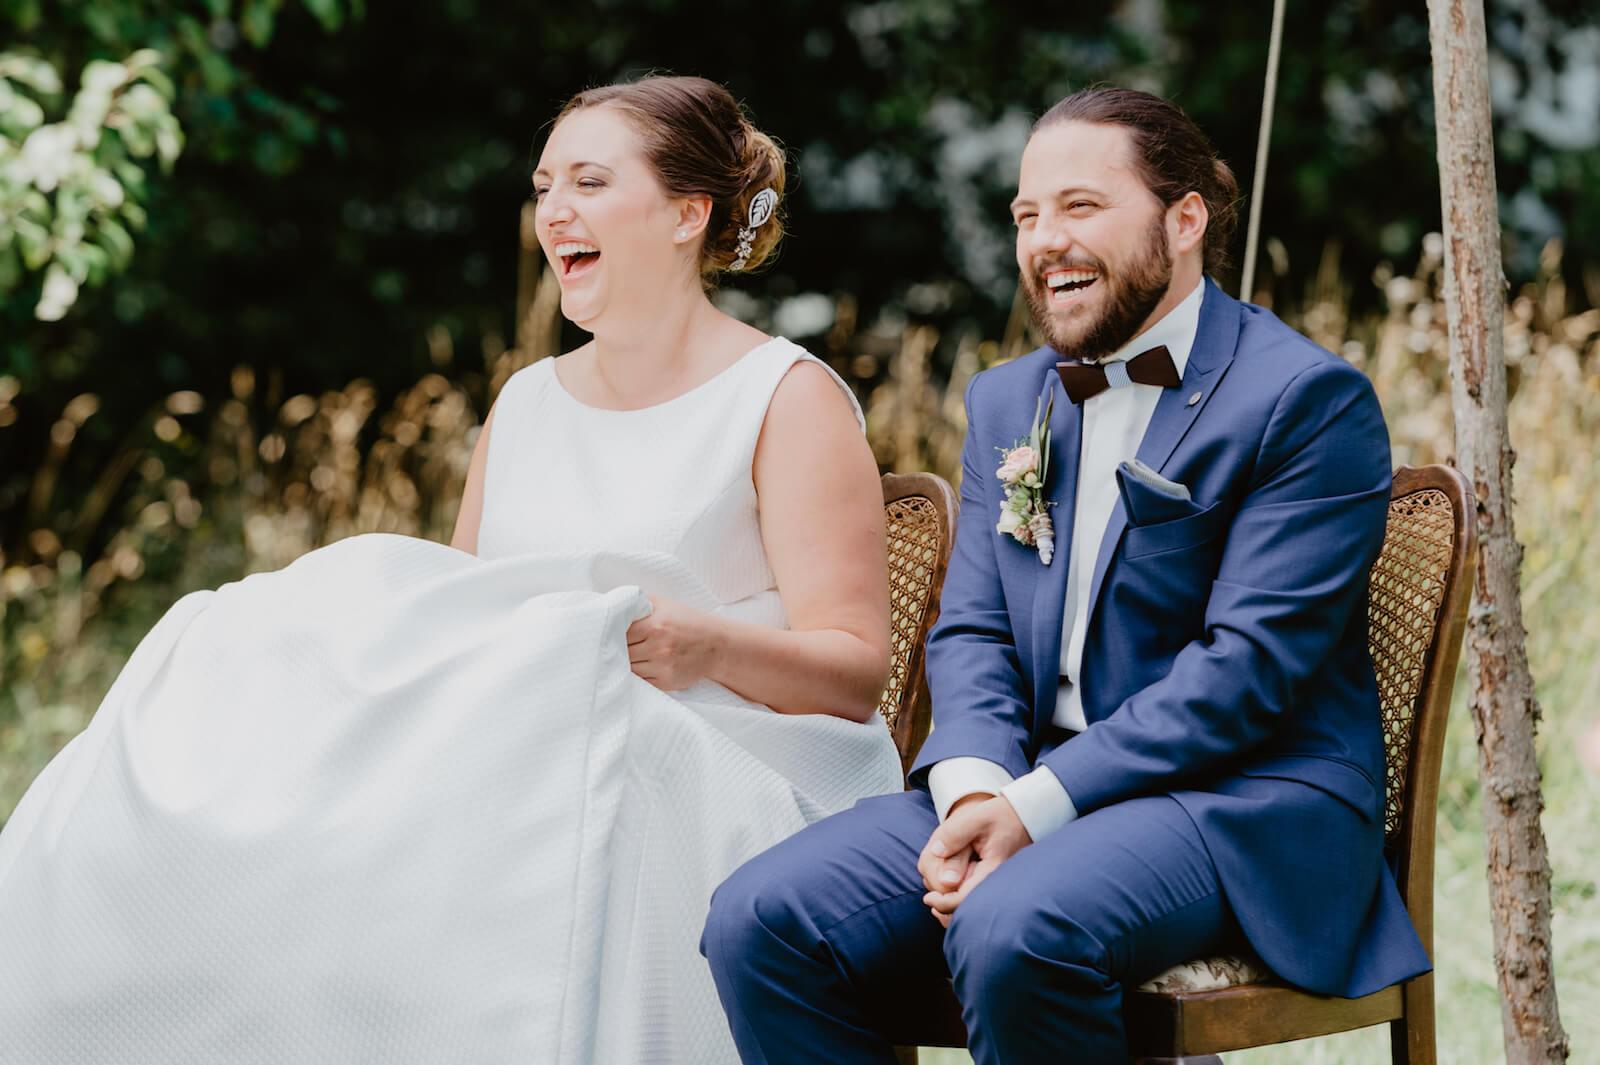 Gartenhochzeit Buchloe - Braut und Bräutigam während der freien Trauung